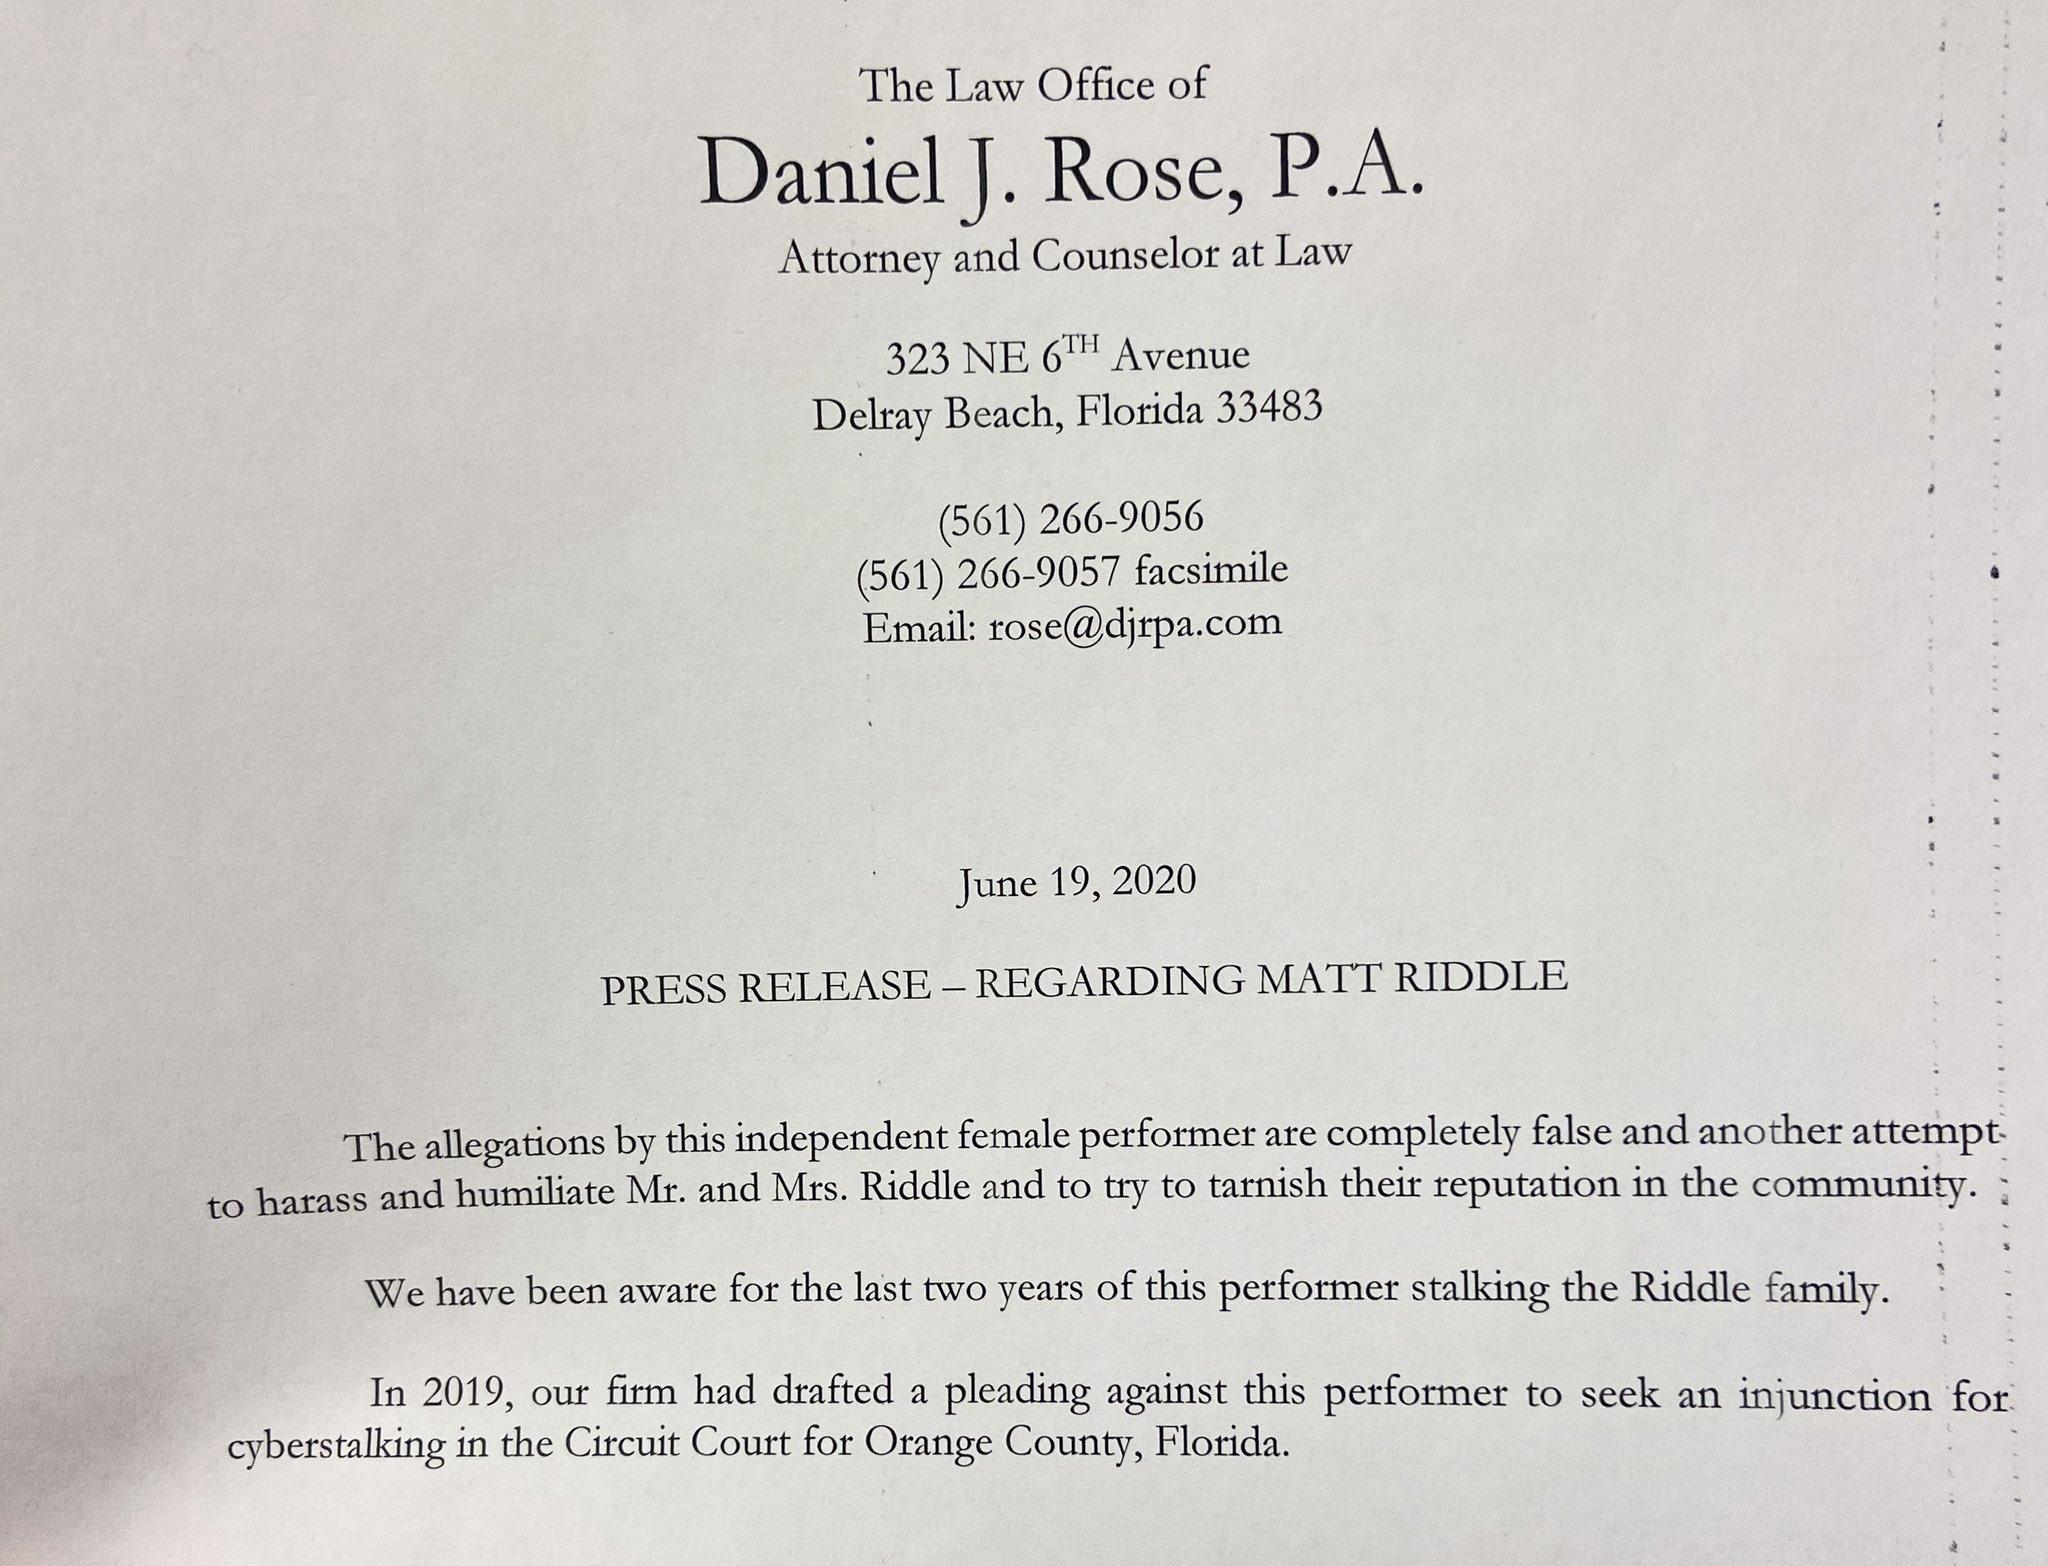 Más pruebas surgen contra Matt Riddle: Su esposa habría conocido del asunto 1